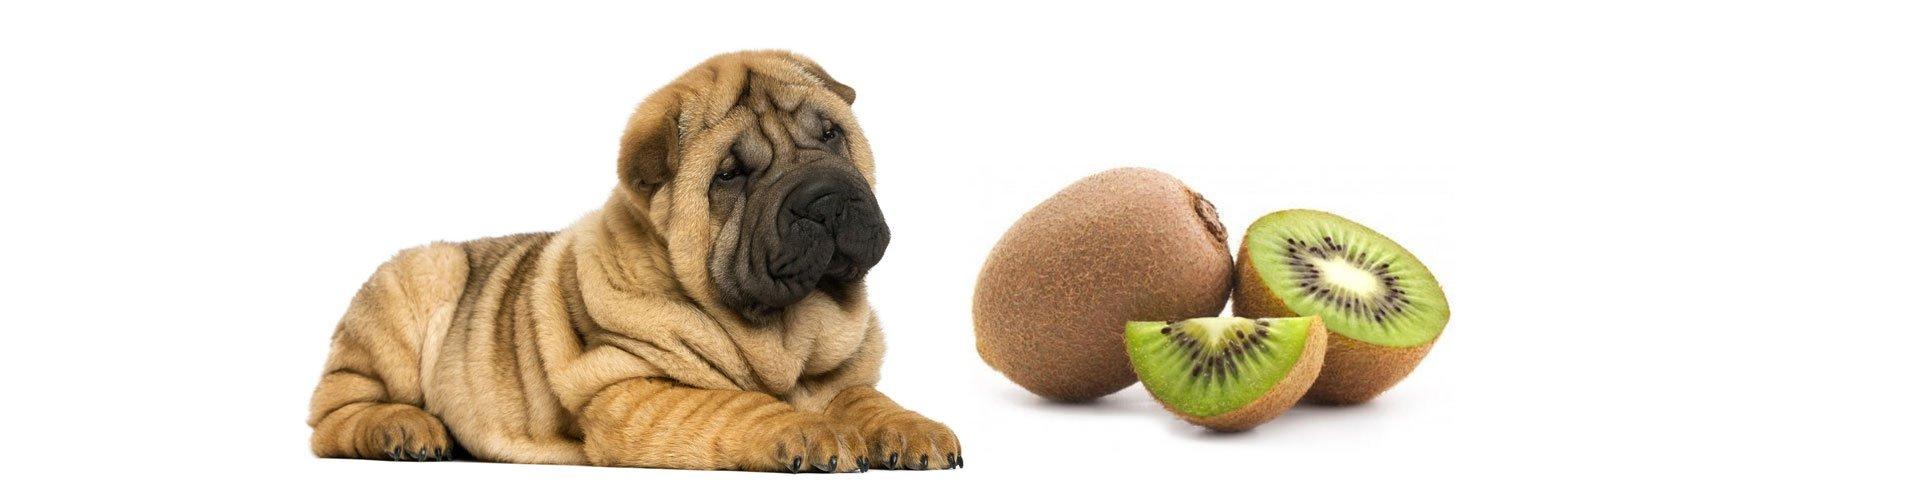 Dogs Kiwi? Can Dogs Eat Kiwi